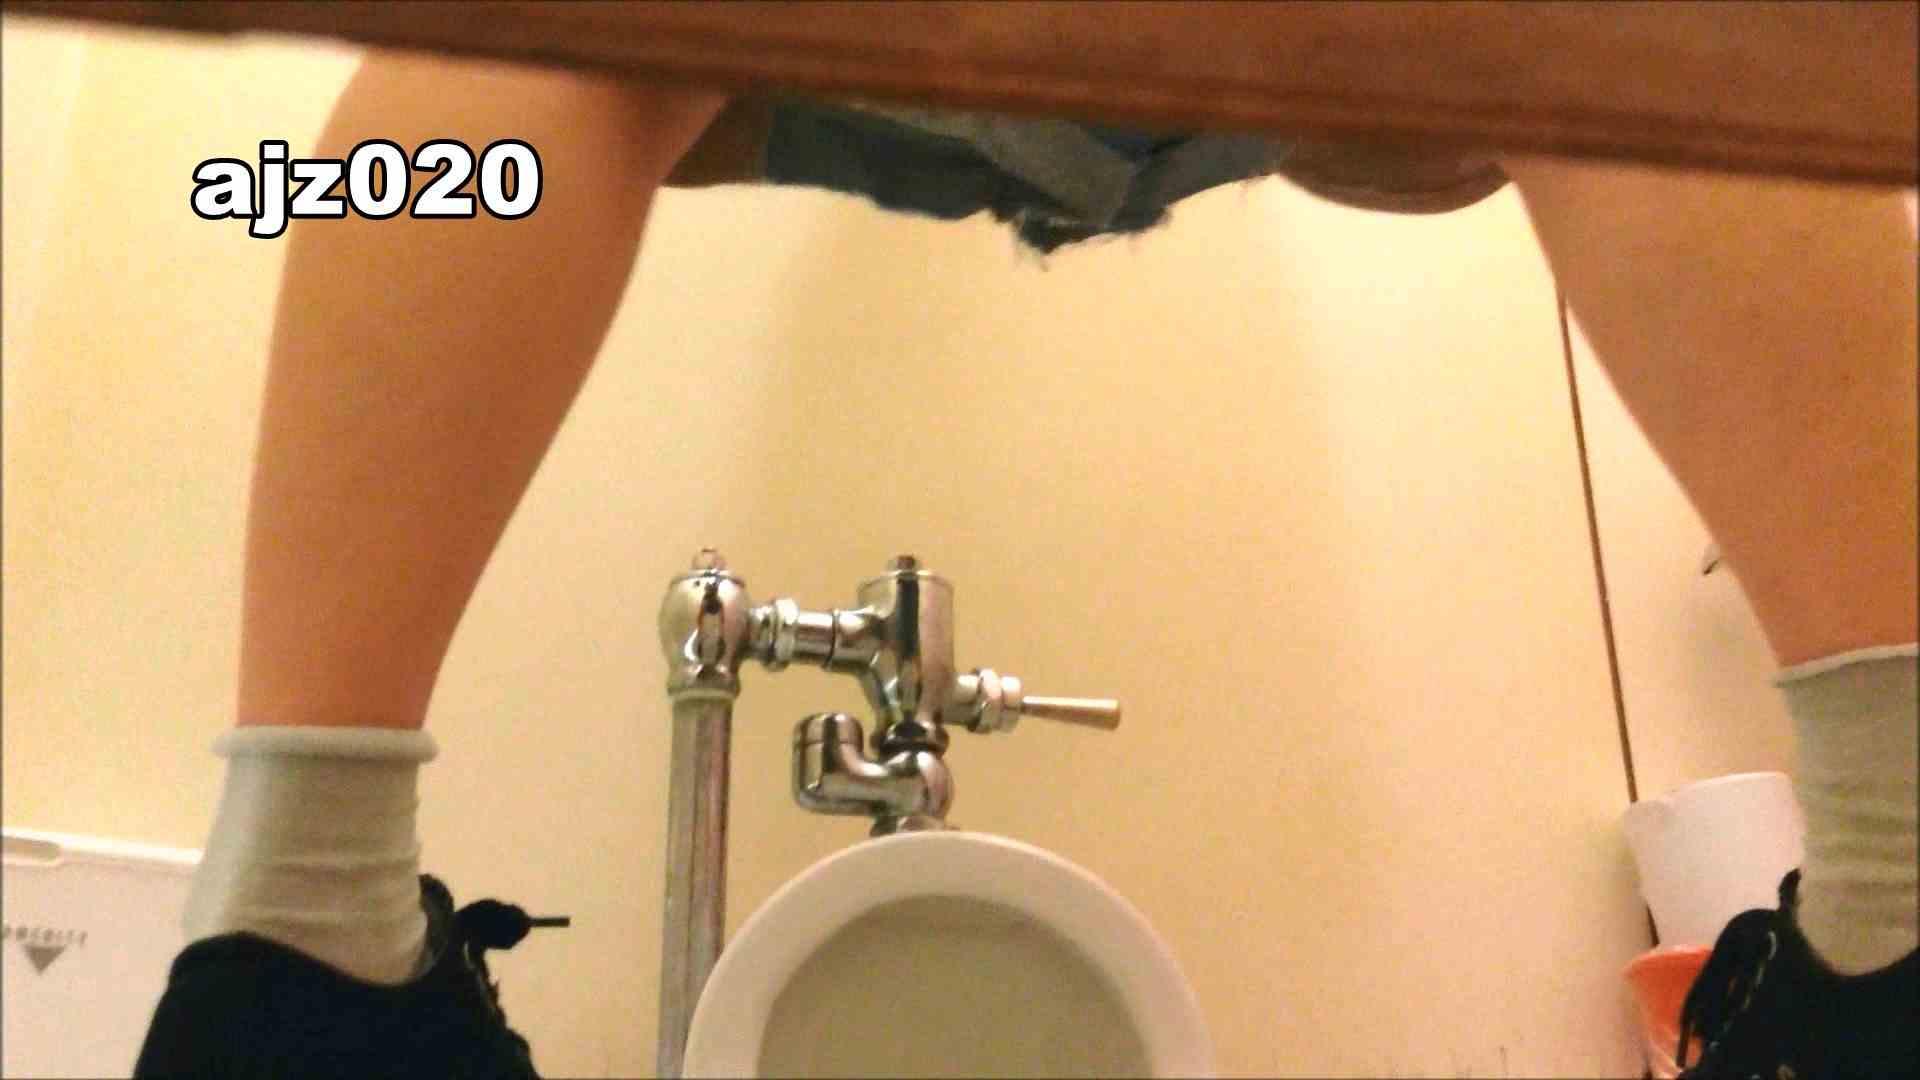 某有名大学女性洗面所 vol.20 和式 盗み撮りSEX無修正画像 48画像 7